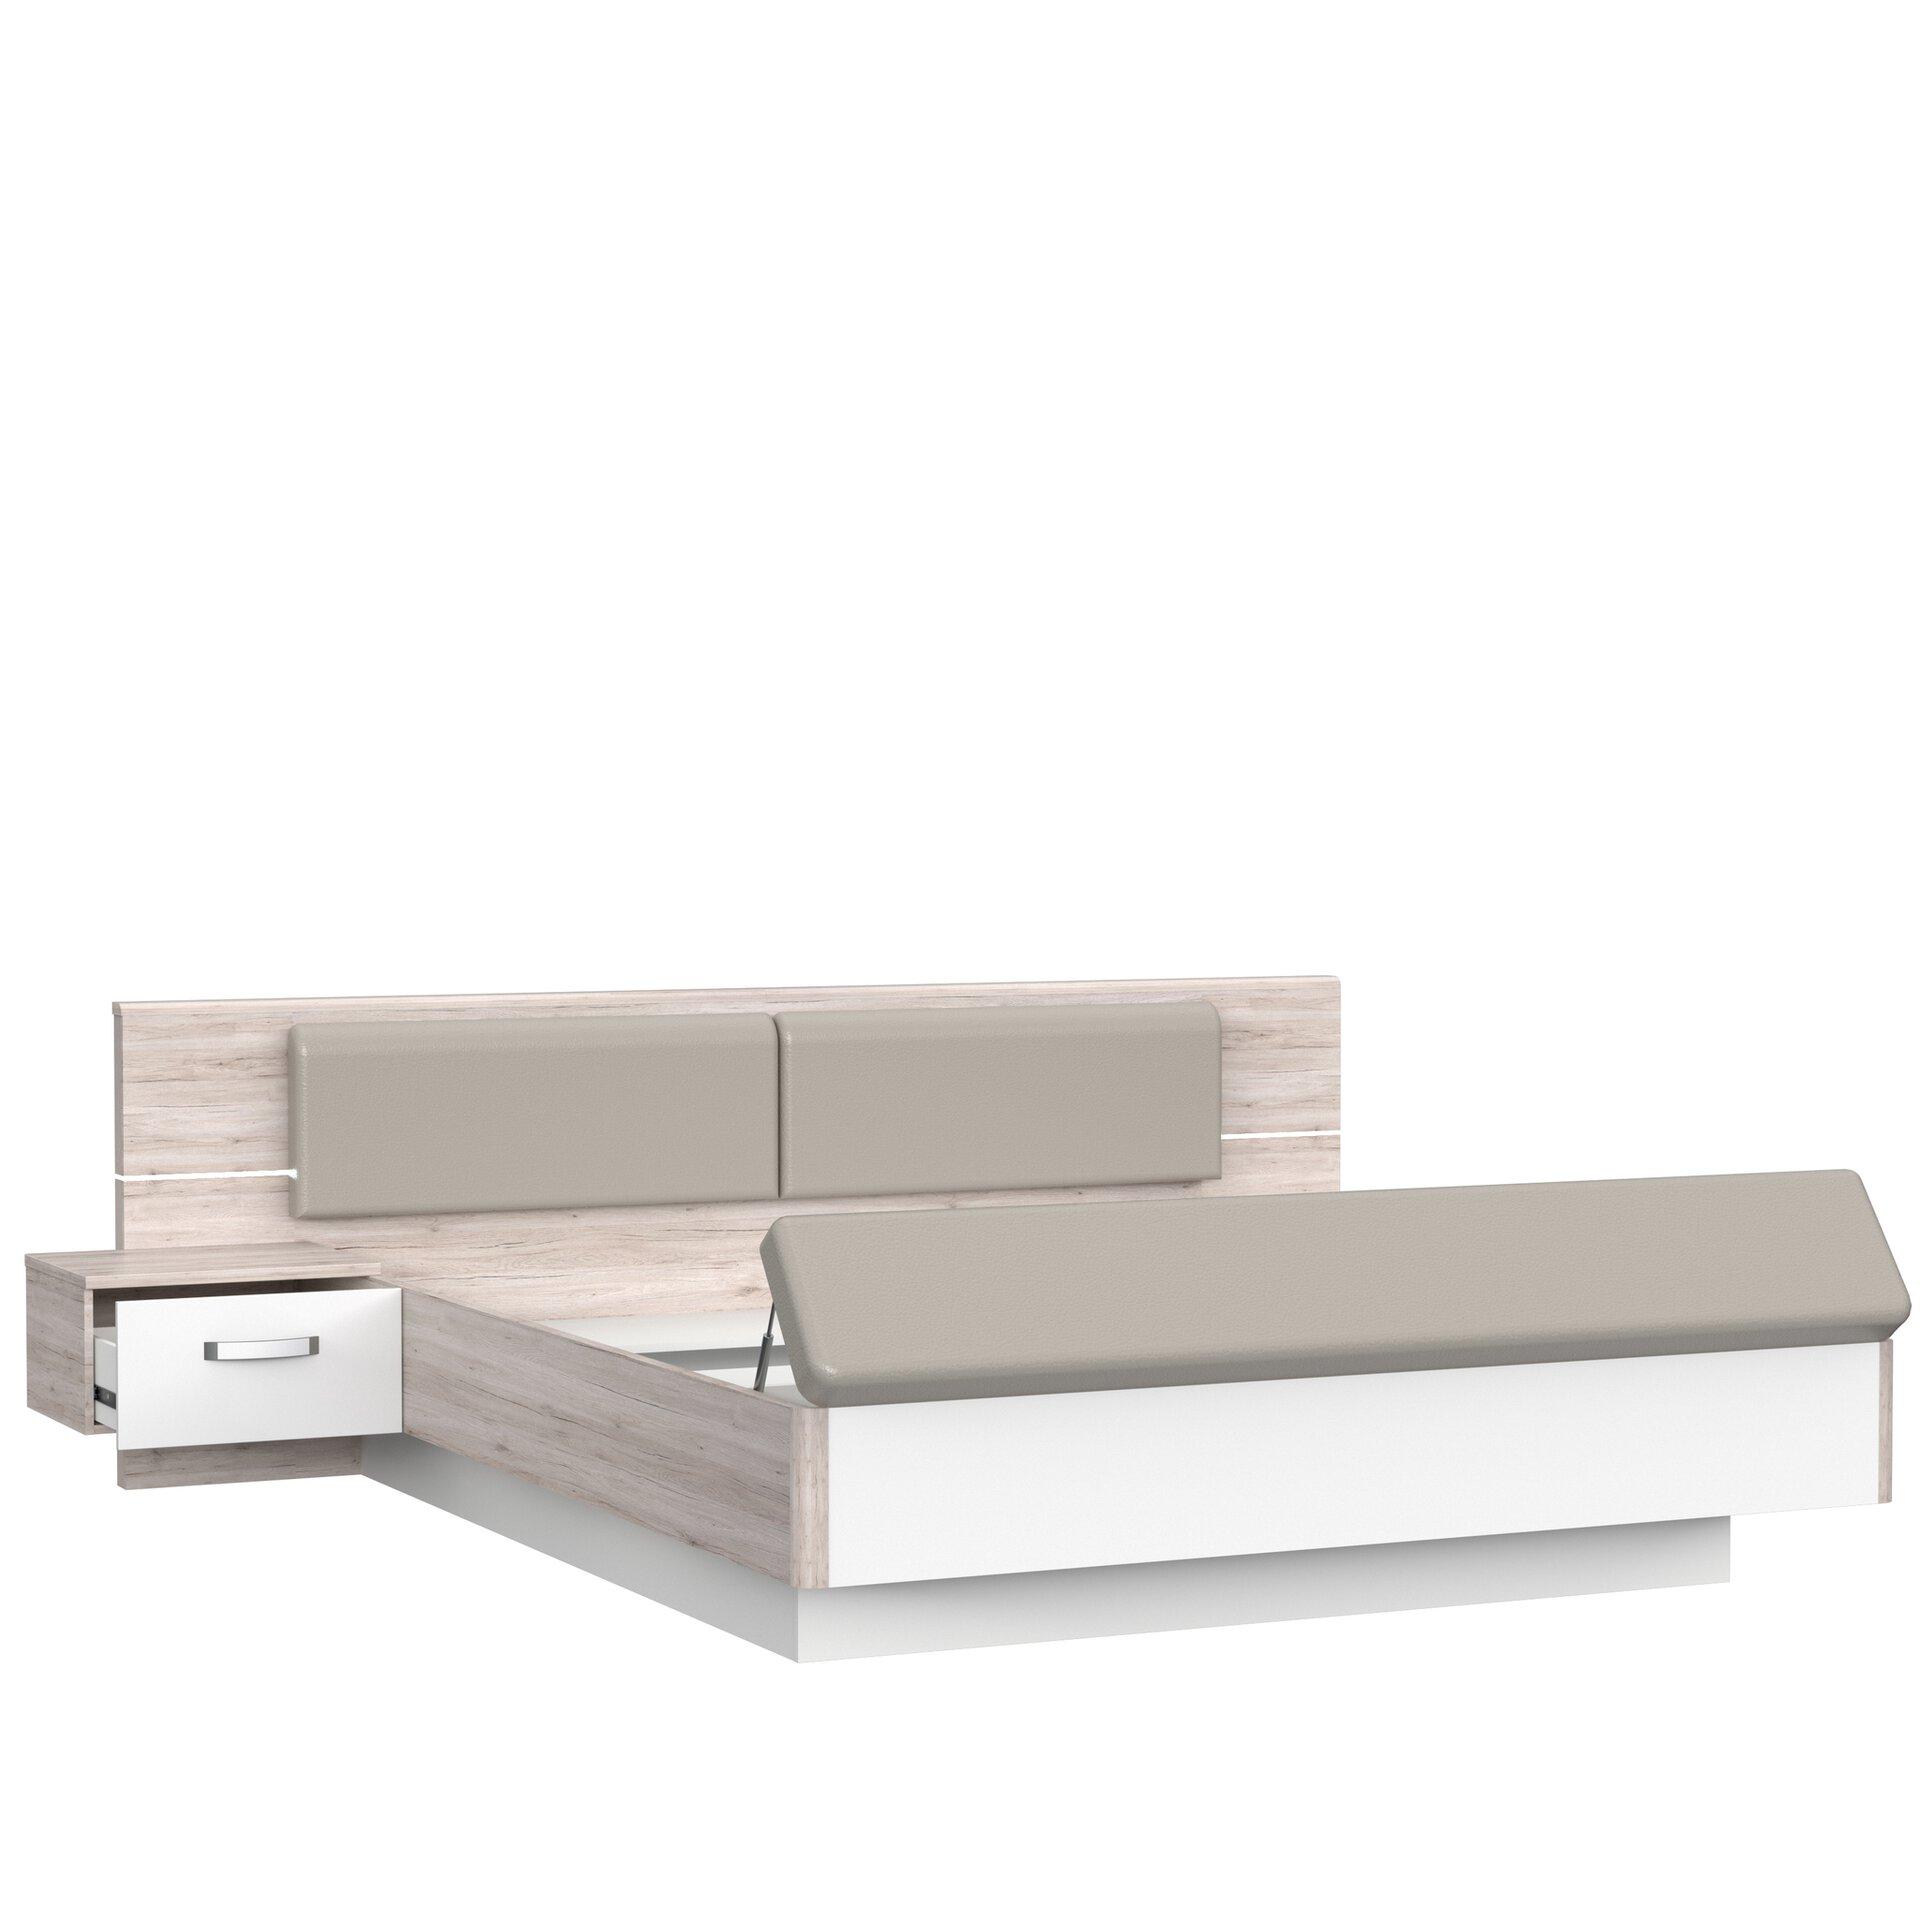 Bettanlage RONDINO Dreamoro Holzwerkstoff braun 237 x 88 x 285 cm